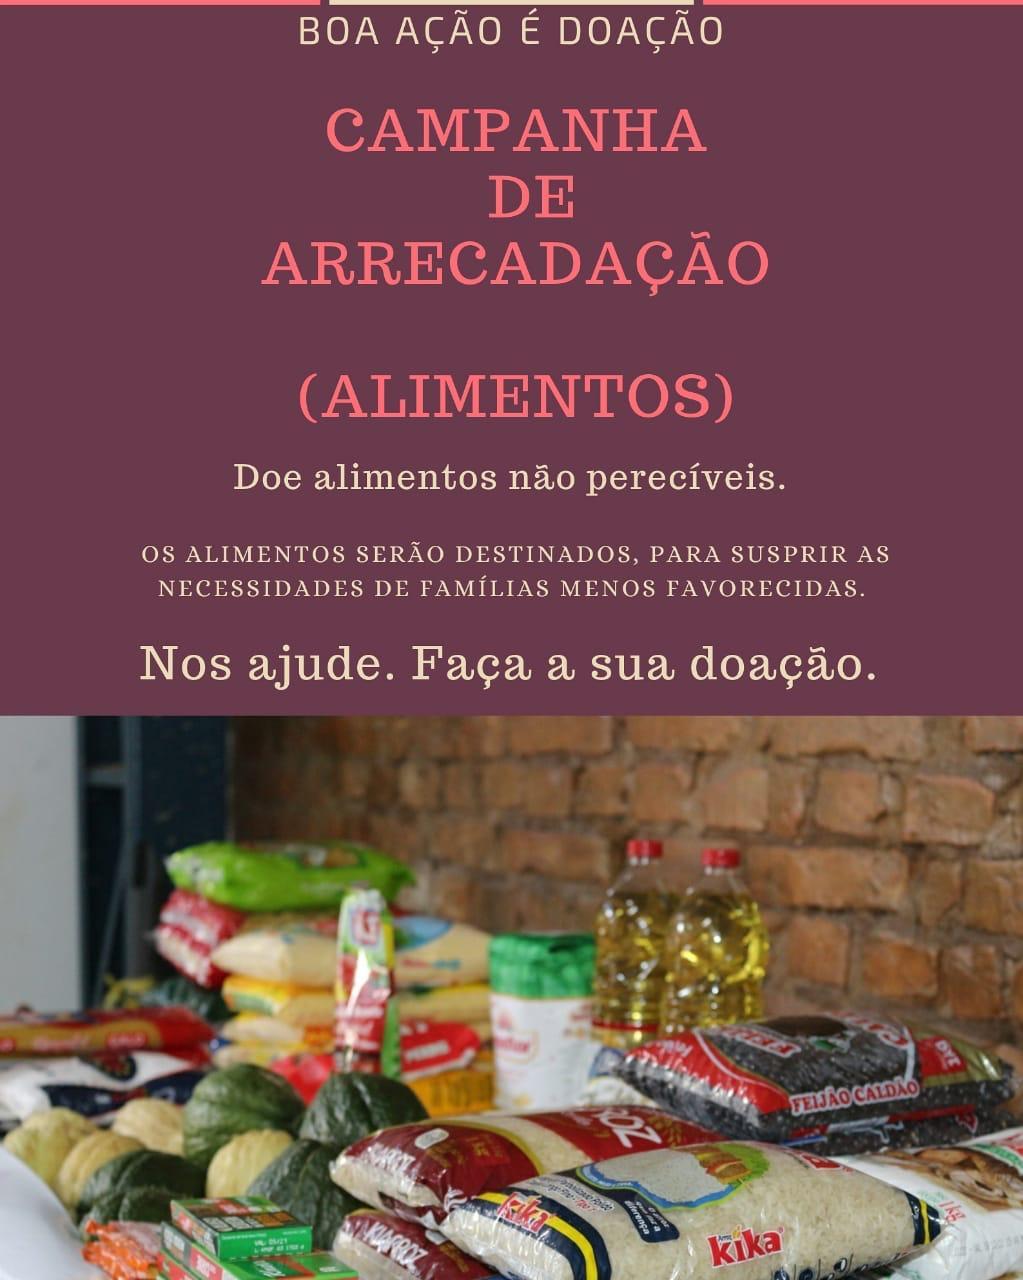 Grupo de amigos promove campanha de arrecadação de alimentos em Picos